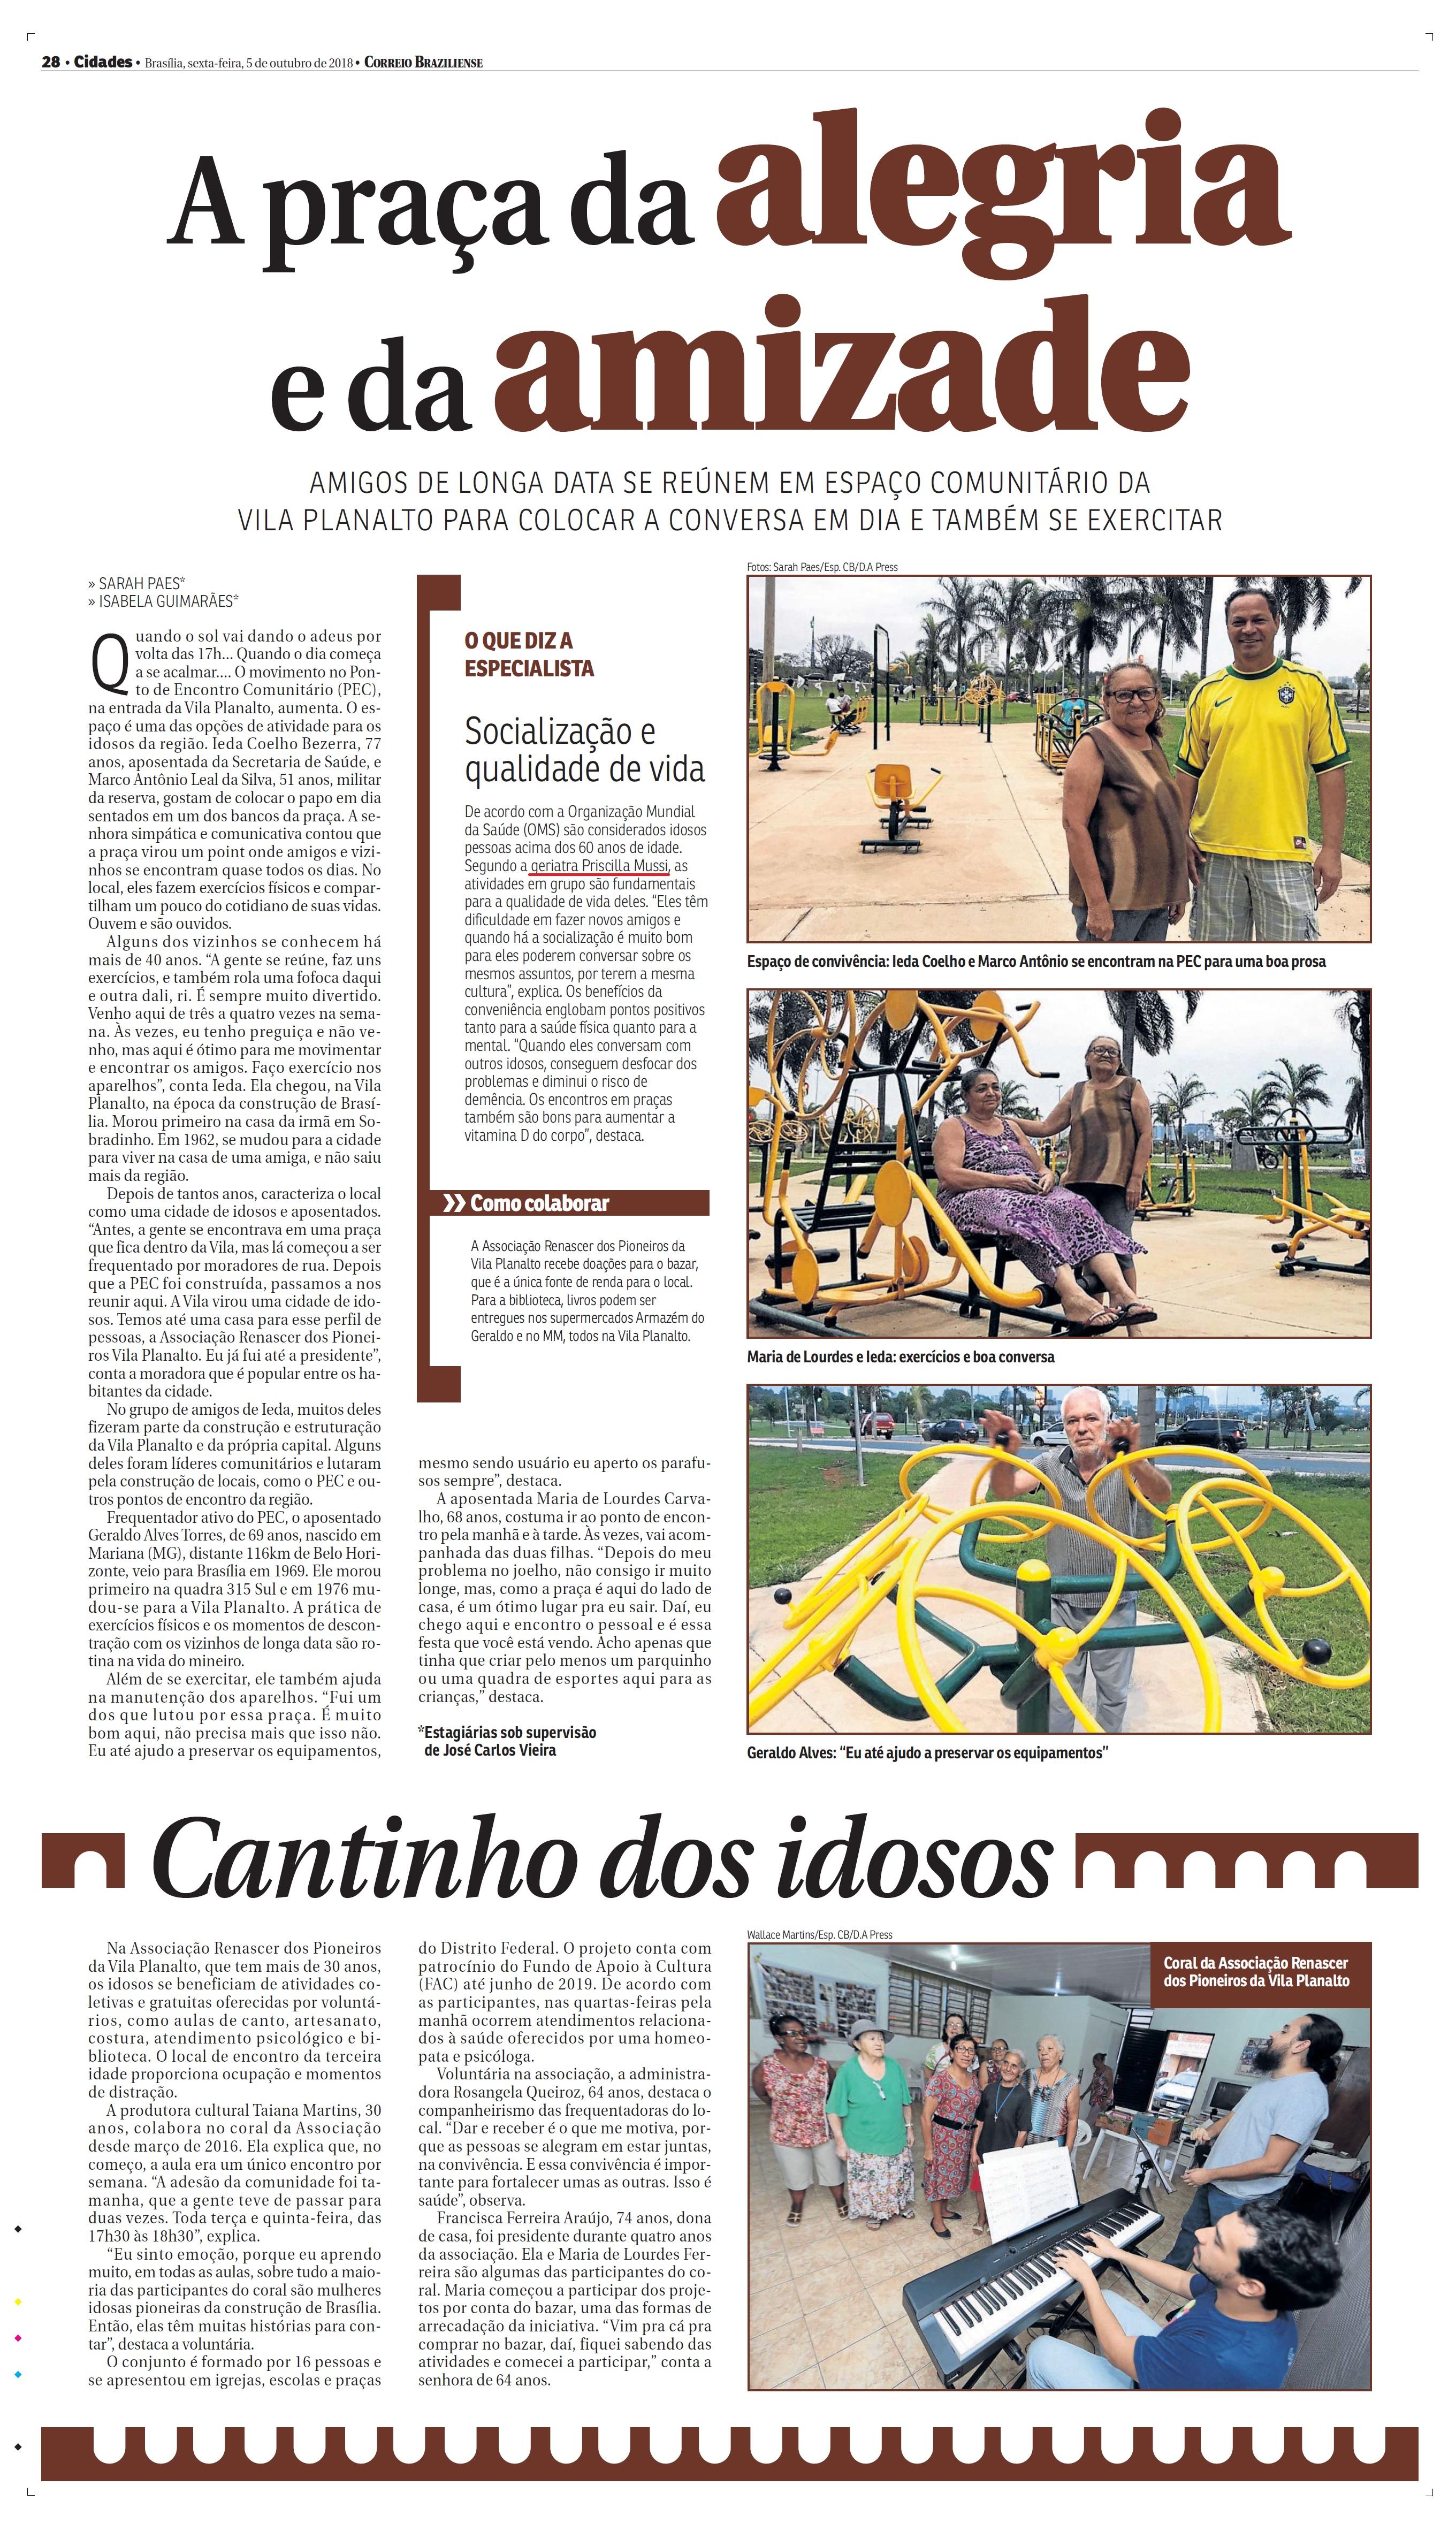 Correio Braziliense - Priscilla Mussi HSLS - 05-11-2018